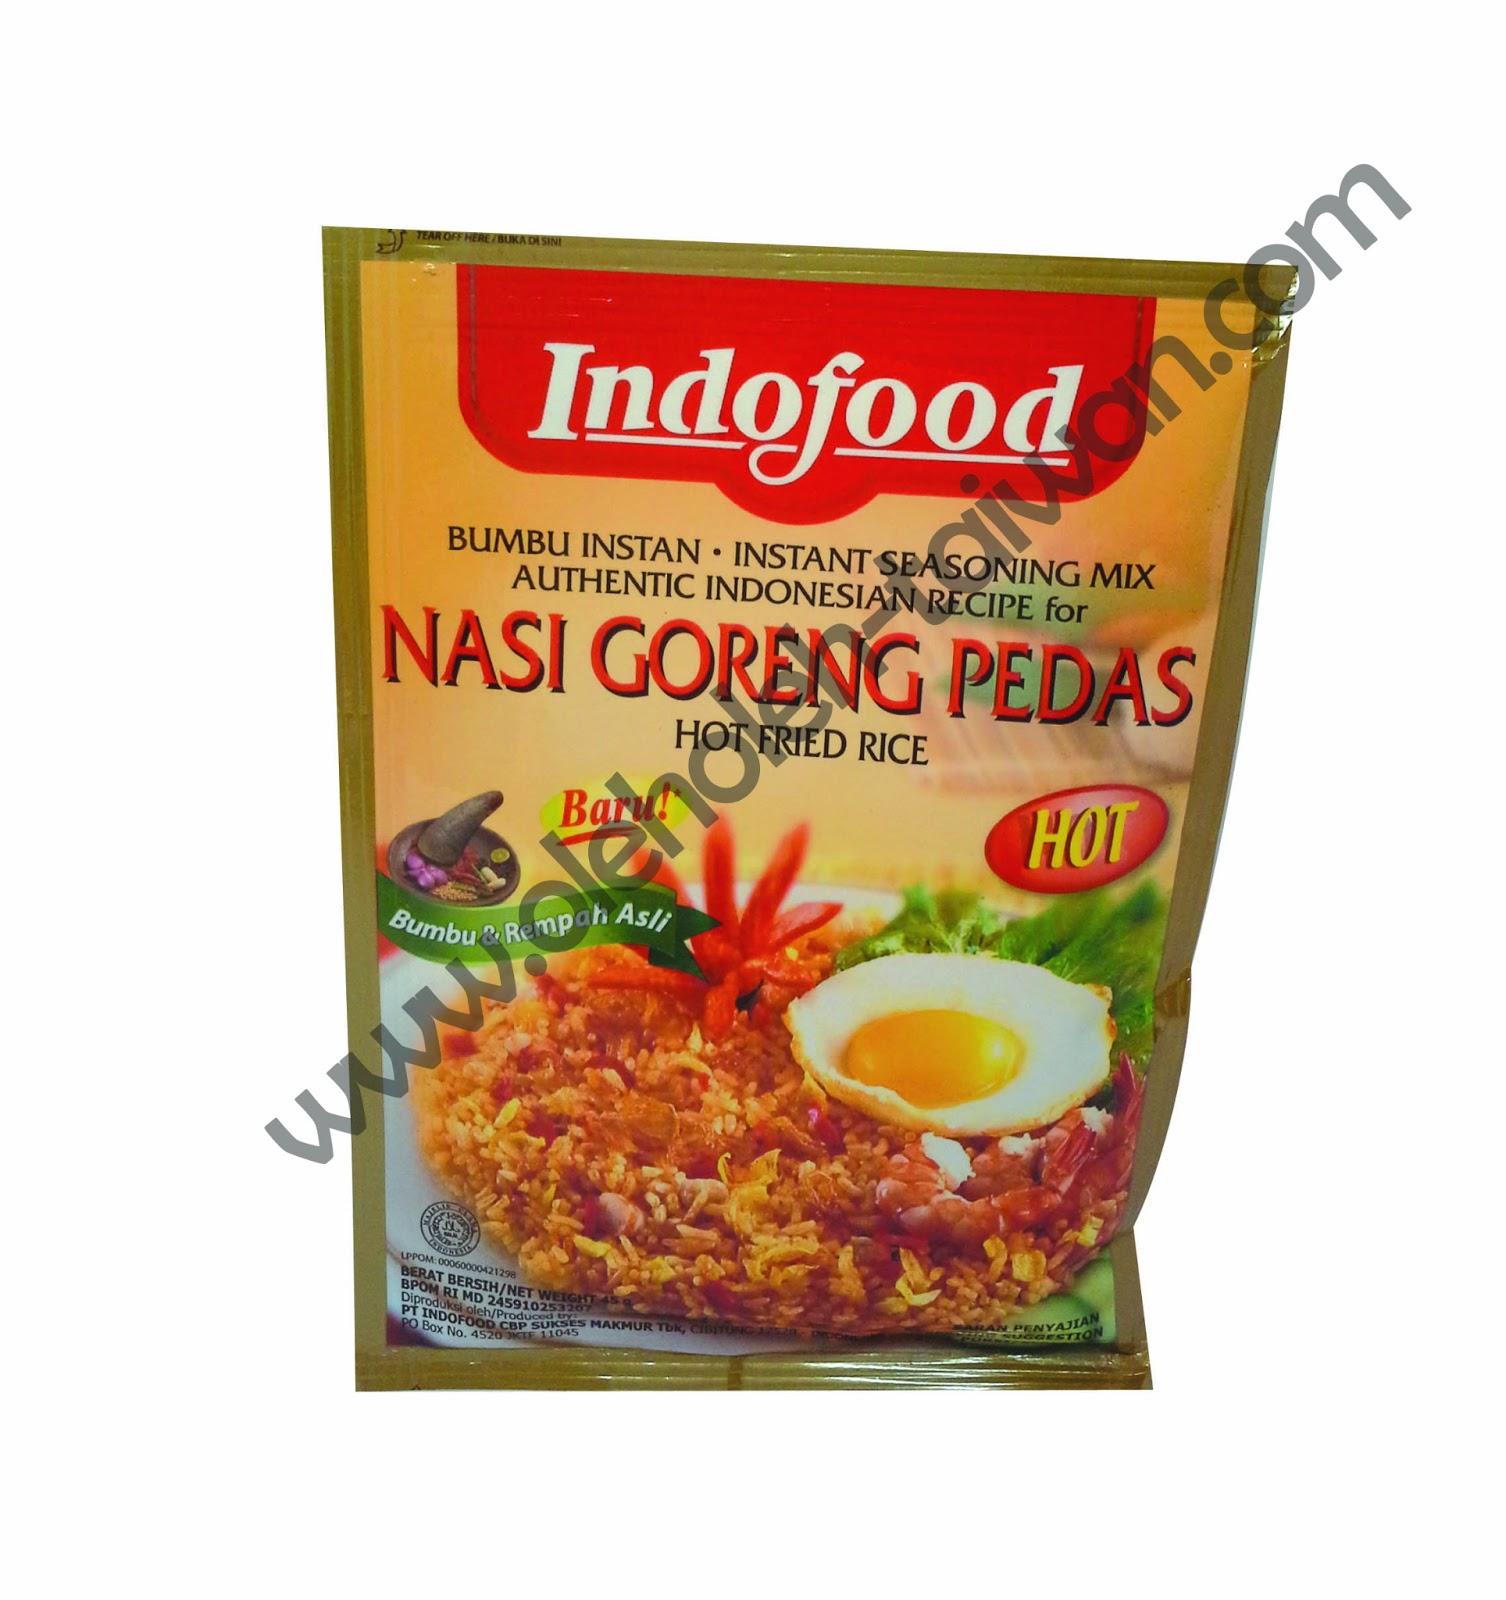 Indofood Nasi Goreng Pedas Indofood Bumbu Nasi Goreng